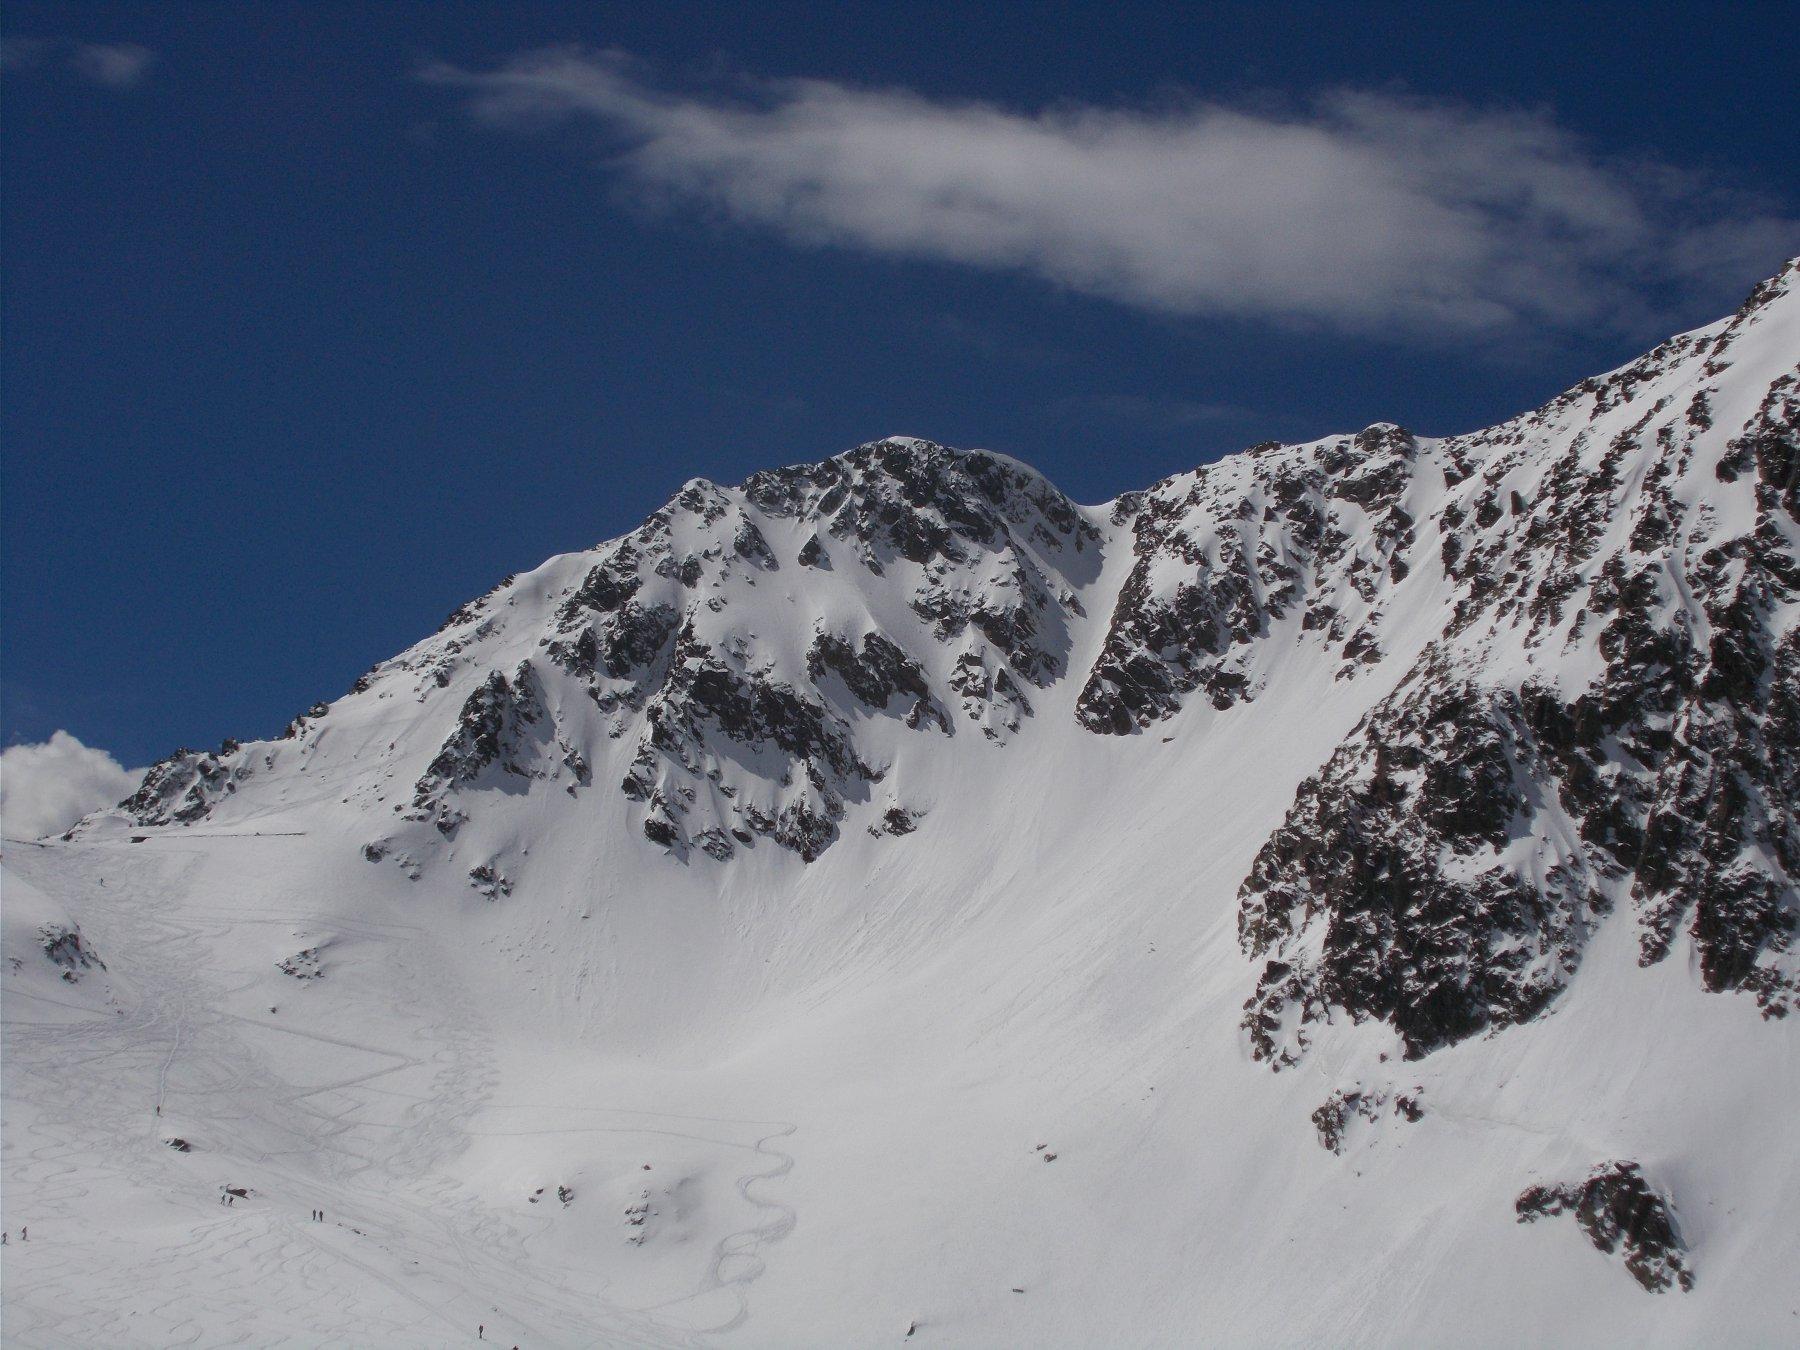 Ciriegia (Cima di) crestone NO quota 2521 m Canale NO 2017-05-07